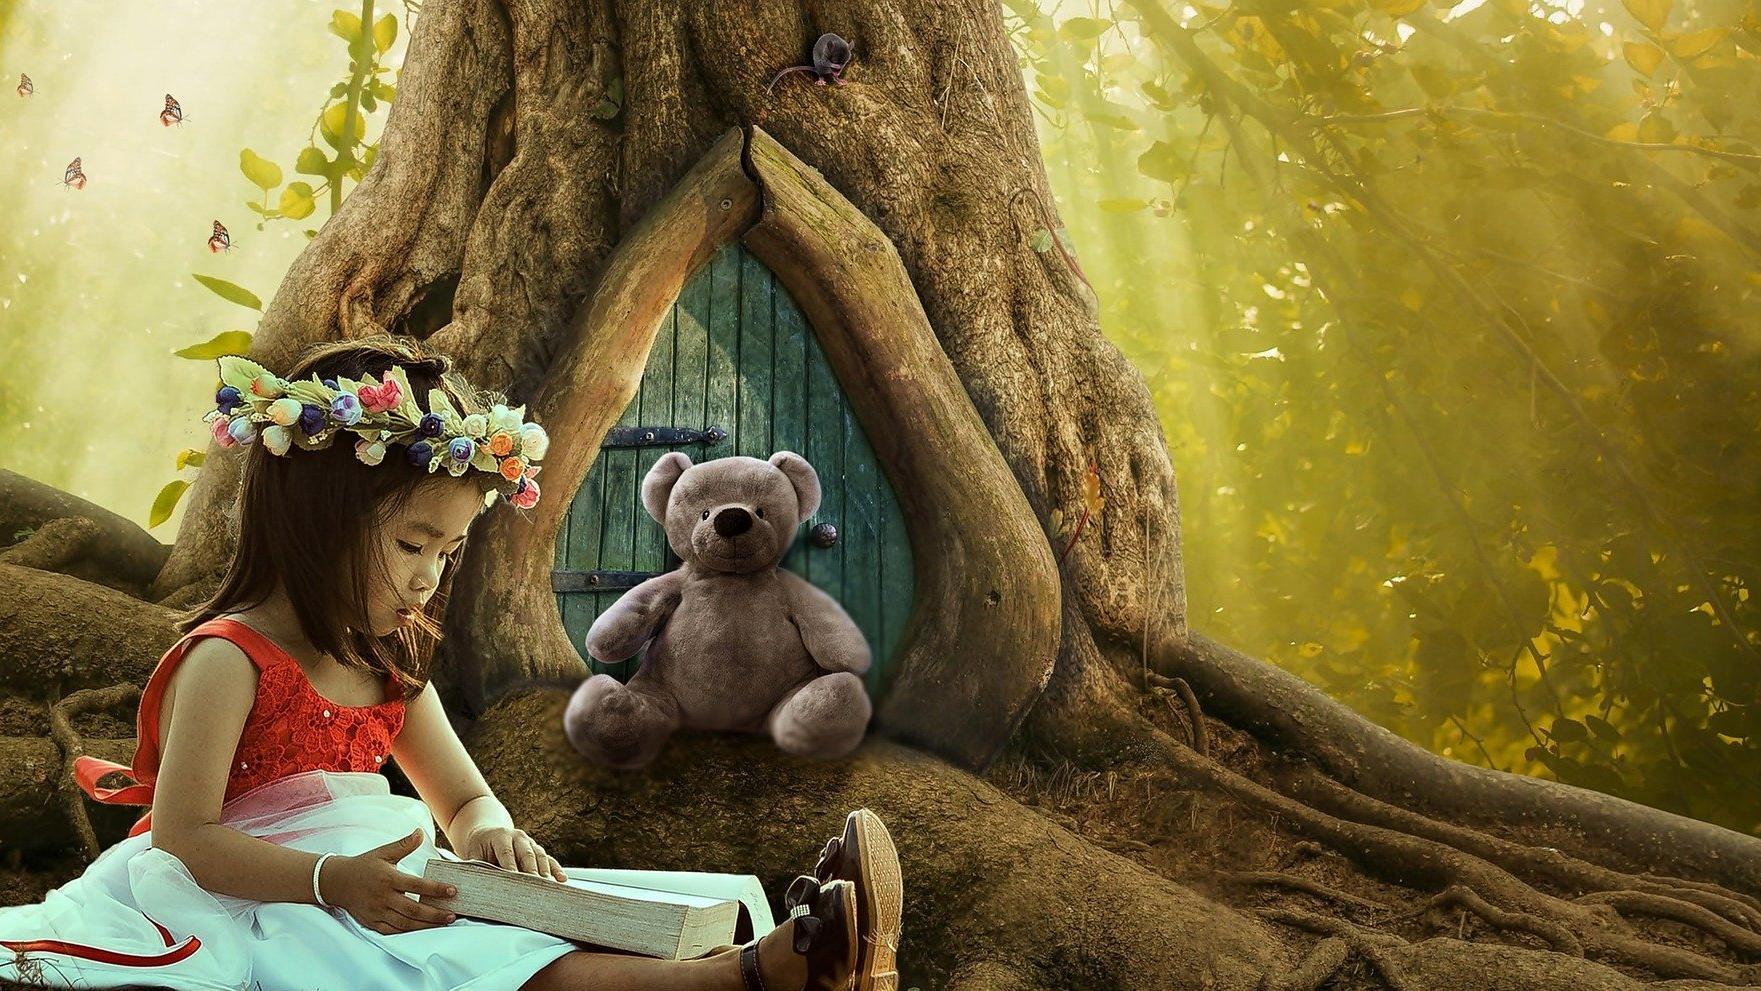 Reisen in fantastische Traumwelten: Kurze Gute-Nacht-Geschichten für Kinder